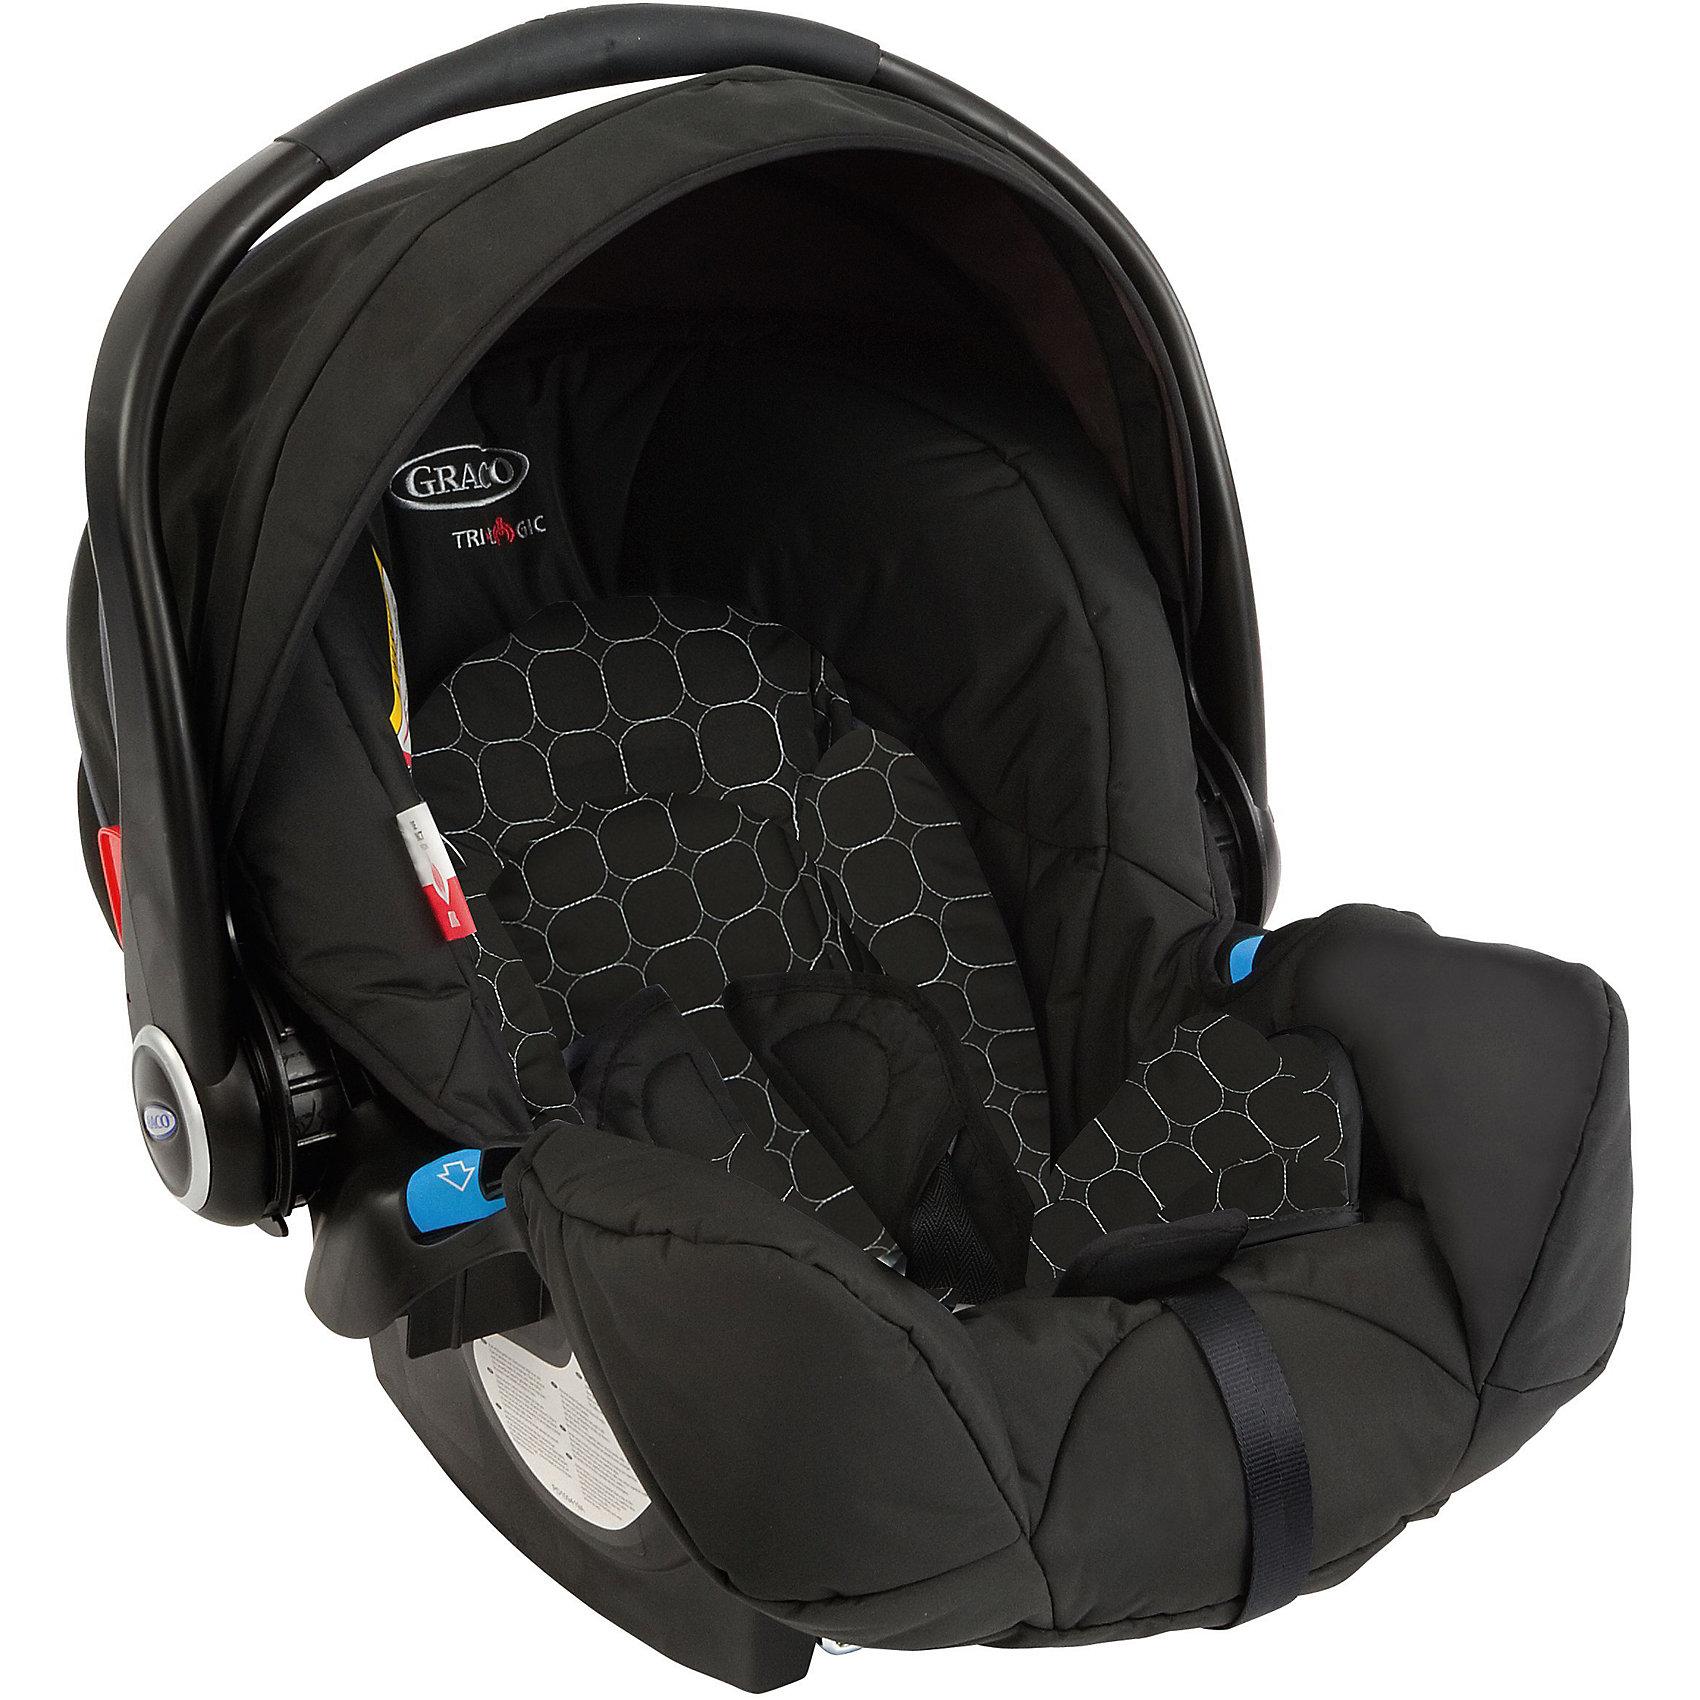 Автокресло Graco Logico S Noir 0-13 кг,Группа 0+ (До 13 кг)<br>Характеристики:<br><br>• группа: 0+<br>• вес ребенка: до 13 кг;<br>• возраст ребенка: от рождения до 12 месяцев;<br>• способ крепления: штатным ремнем безопасности автомобиля;<br>• способ установки: лицом против хода движения автомобиля;<br>• материал: пластик, полиэстер;<br>• размеры автокресла: 58x67x56 см;<br>• вес: 4,2 кг.<br><br>Автокресло Logico S Noir представляет собой автолюльку для путешествий с новорожденными детками в автомобиле. Автокресло оснащено ремнями безопасности с мягкими накладками. Имеется пластиковая ручка для переноски автокресла, положение регулируется. Защитный капор регулируется, его можно поднимать и опускать. Дополнительная система защиты от боковых ударов с двойной EPS системой представляет собой высокие защитные бортики внутри и пластиковые борты снаружи автокресла. Входящий в комплект чехол автокресла можно стирать при температуре 30 градусов.<br><br>Автокресло Logico S Noir 0-13 кг, Graco можно купить в нашем интернет-магазине.<br><br>Ширина мм: 490<br>Глубина мм: 490<br>Высота мм: 700<br>Вес г: 10500<br>Возраст от месяцев: 0<br>Возраст до месяцев: 12<br>Пол: Унисекс<br>Возраст: Детский<br>SKU: 5388607